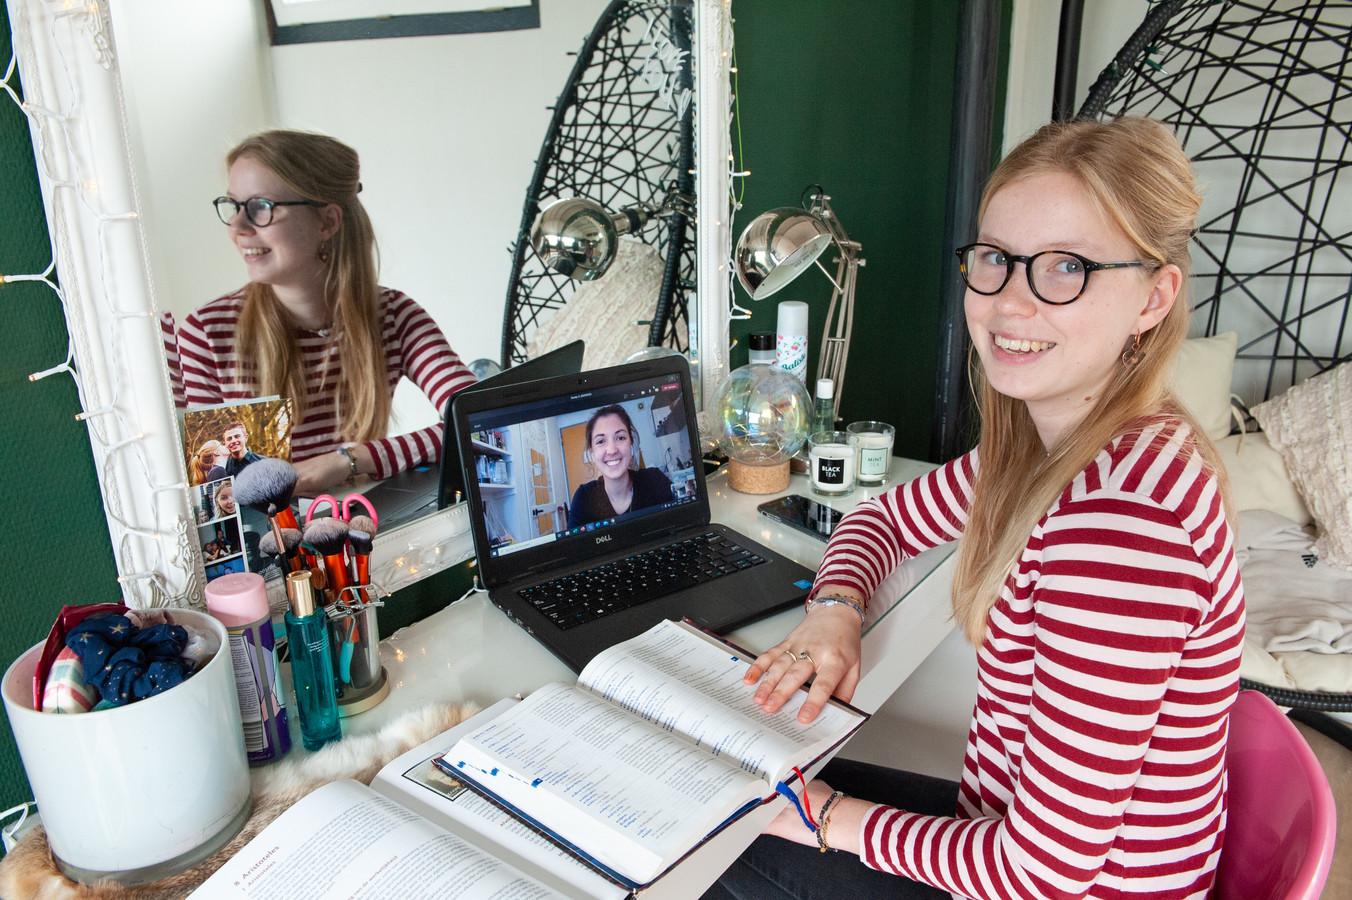 Anna-Maria Bouma zit in haar examenjaar van het gymnasium en krijgt online bijles Grieks van Emma Docter.